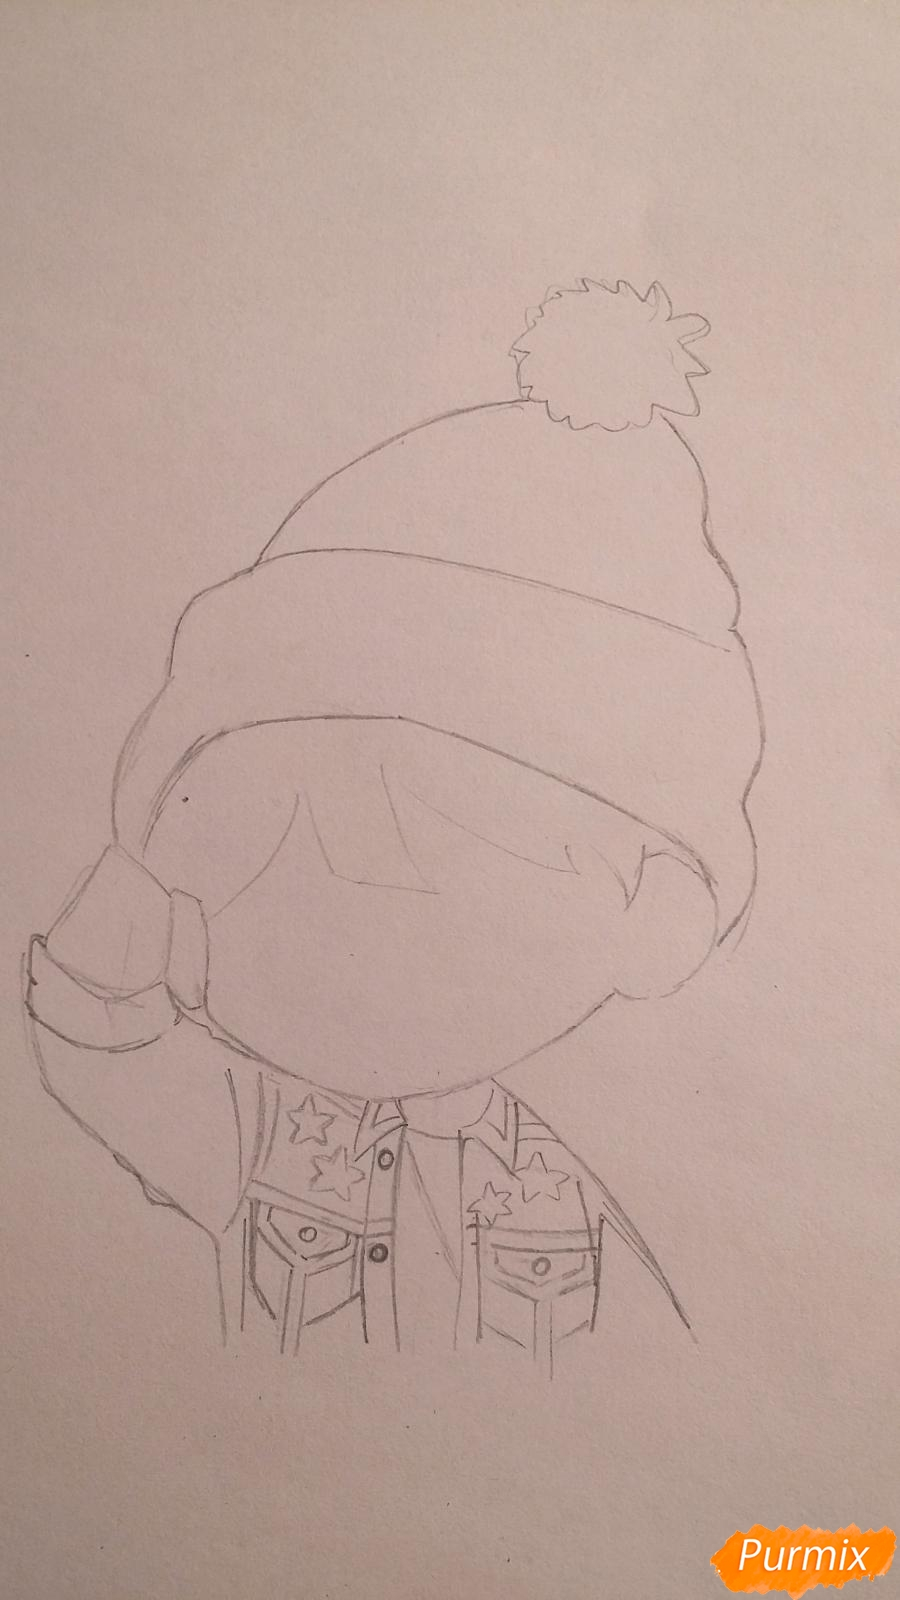 Рисуем чиби-мальчика в шапке цветными карандашами - шаг 5